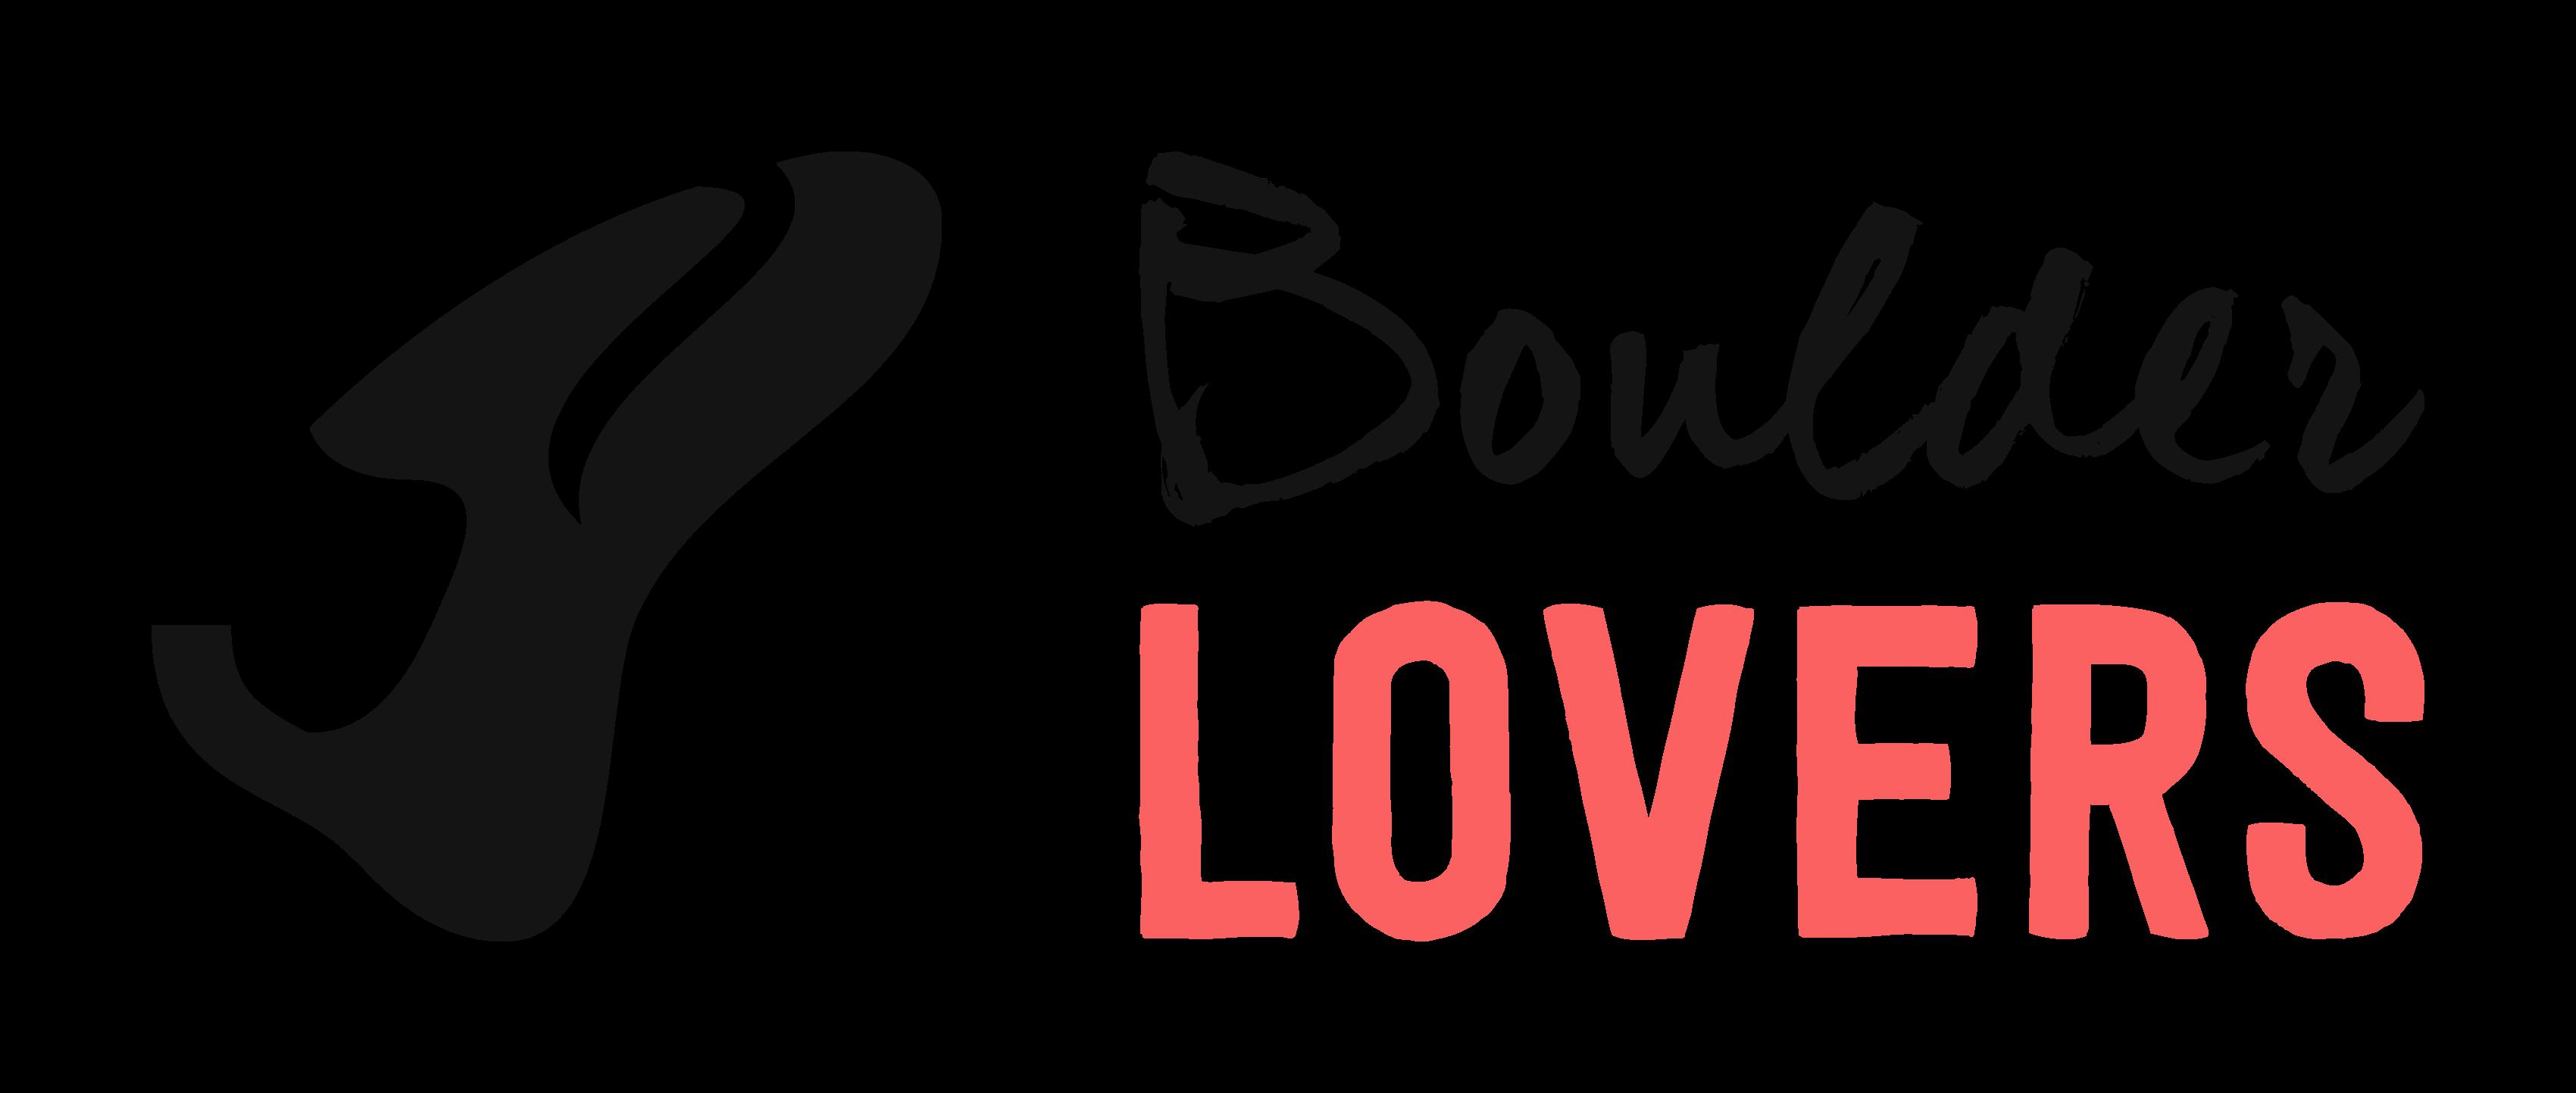 Boulder Lovers